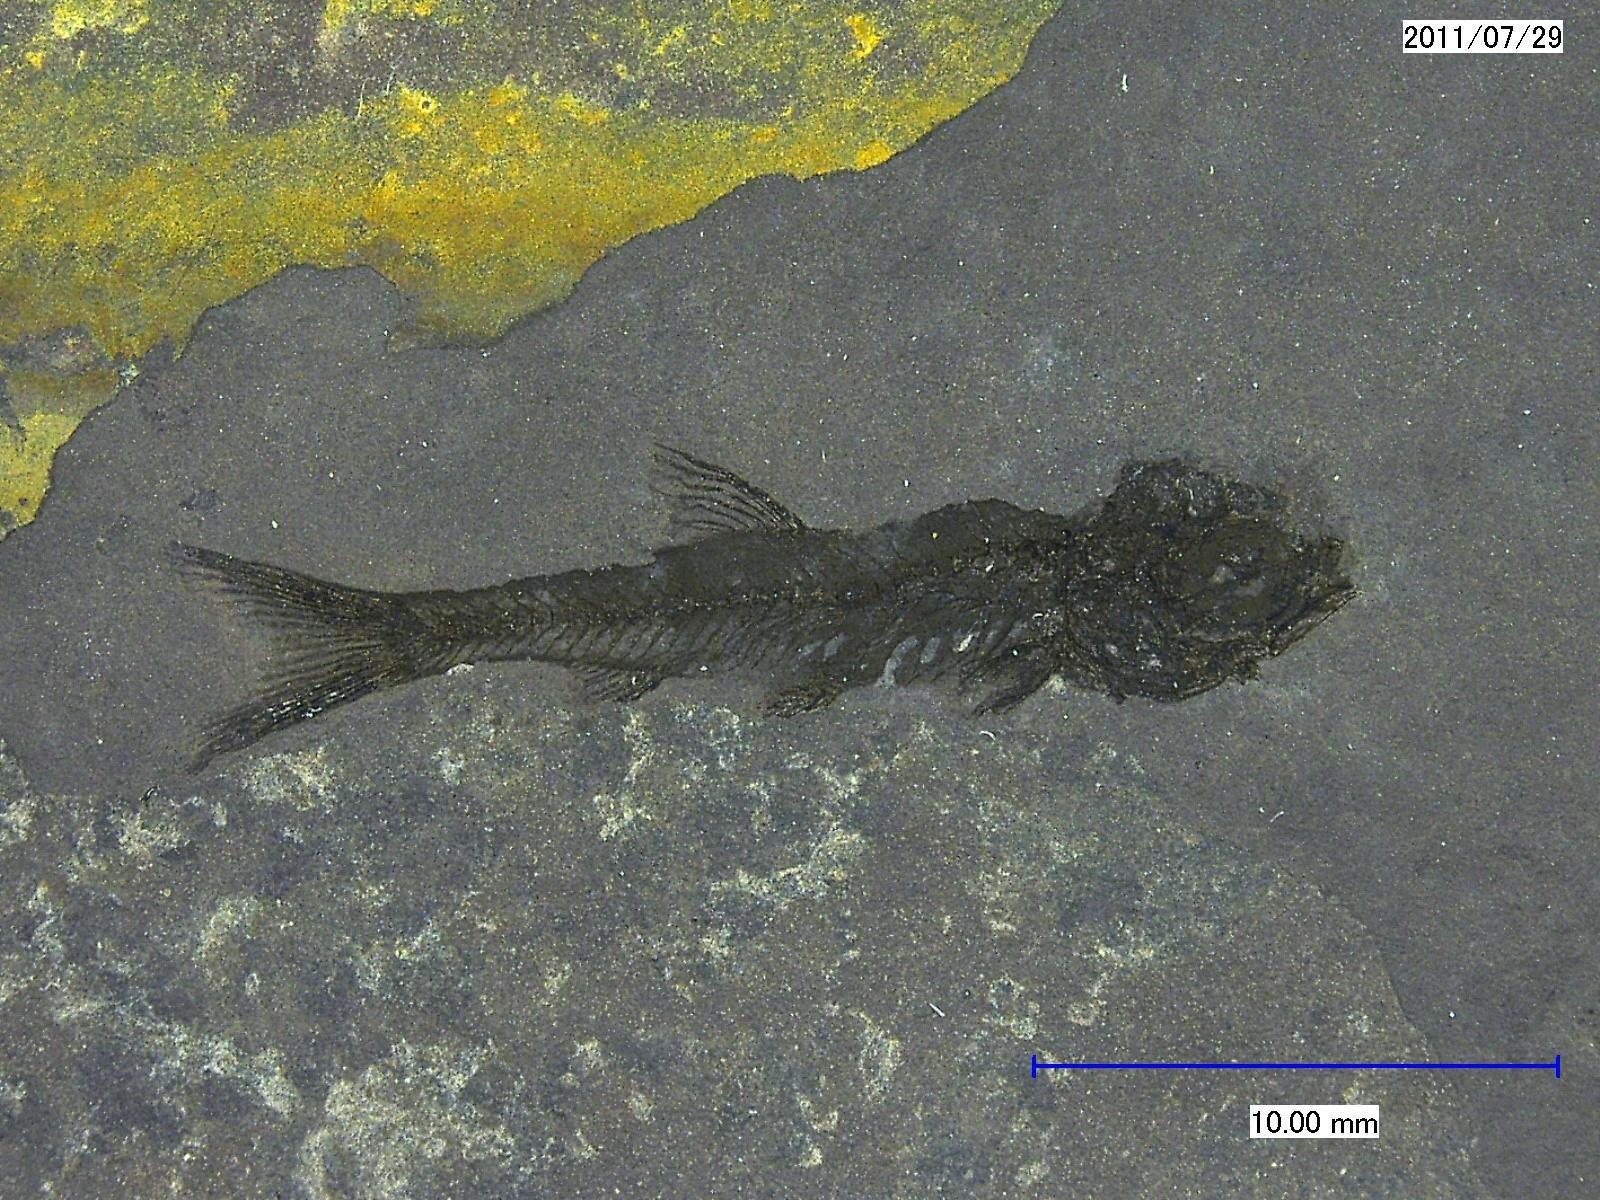 Palaeoleuciscus dietrichsbergensis